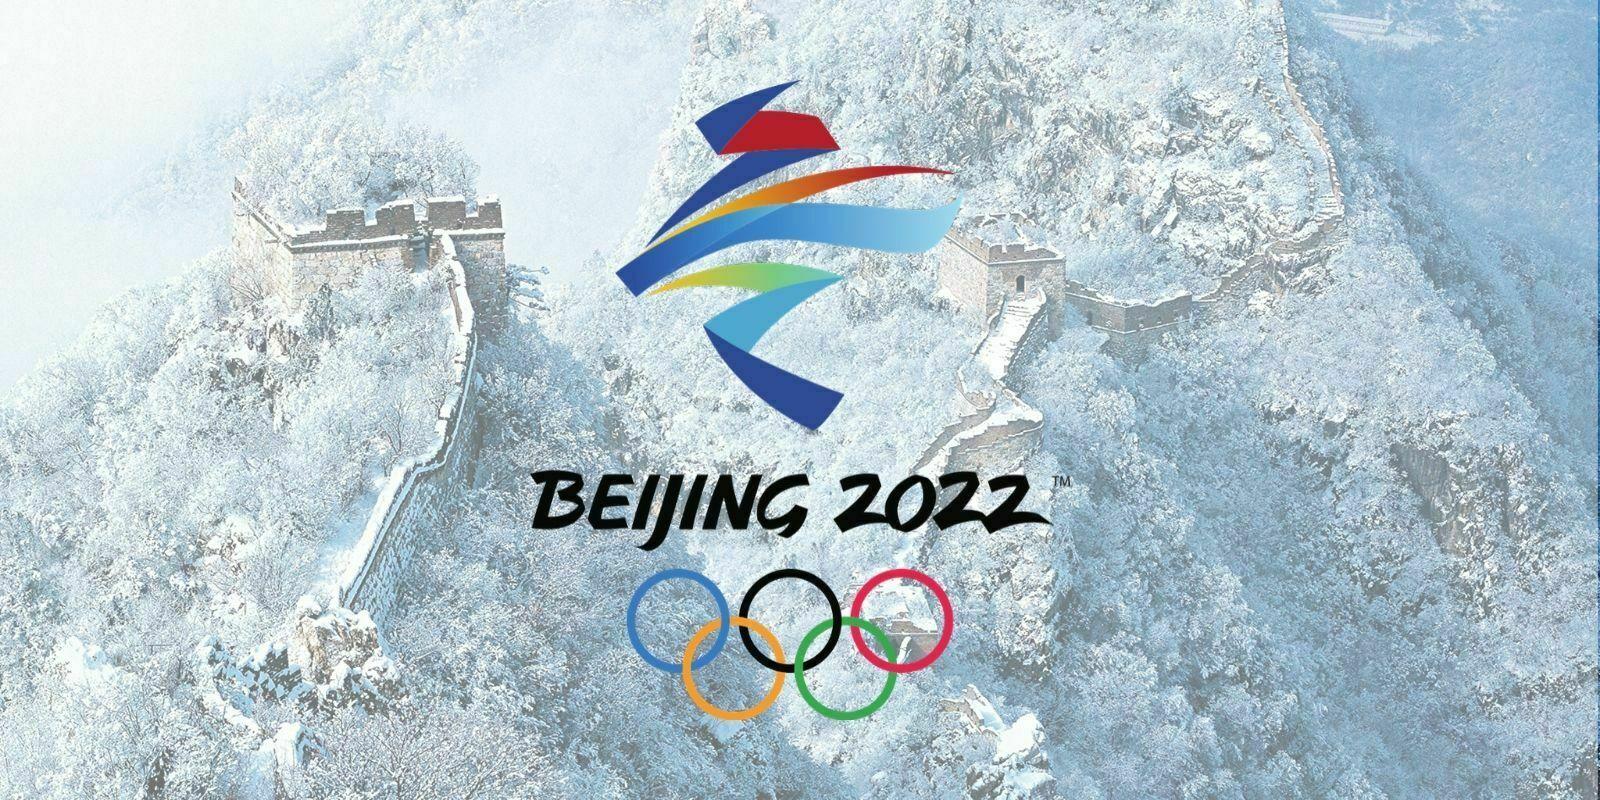 Chine : le yuan numérique pourrait être utilisé pour les Jeux olympiques d'hiver de 2022